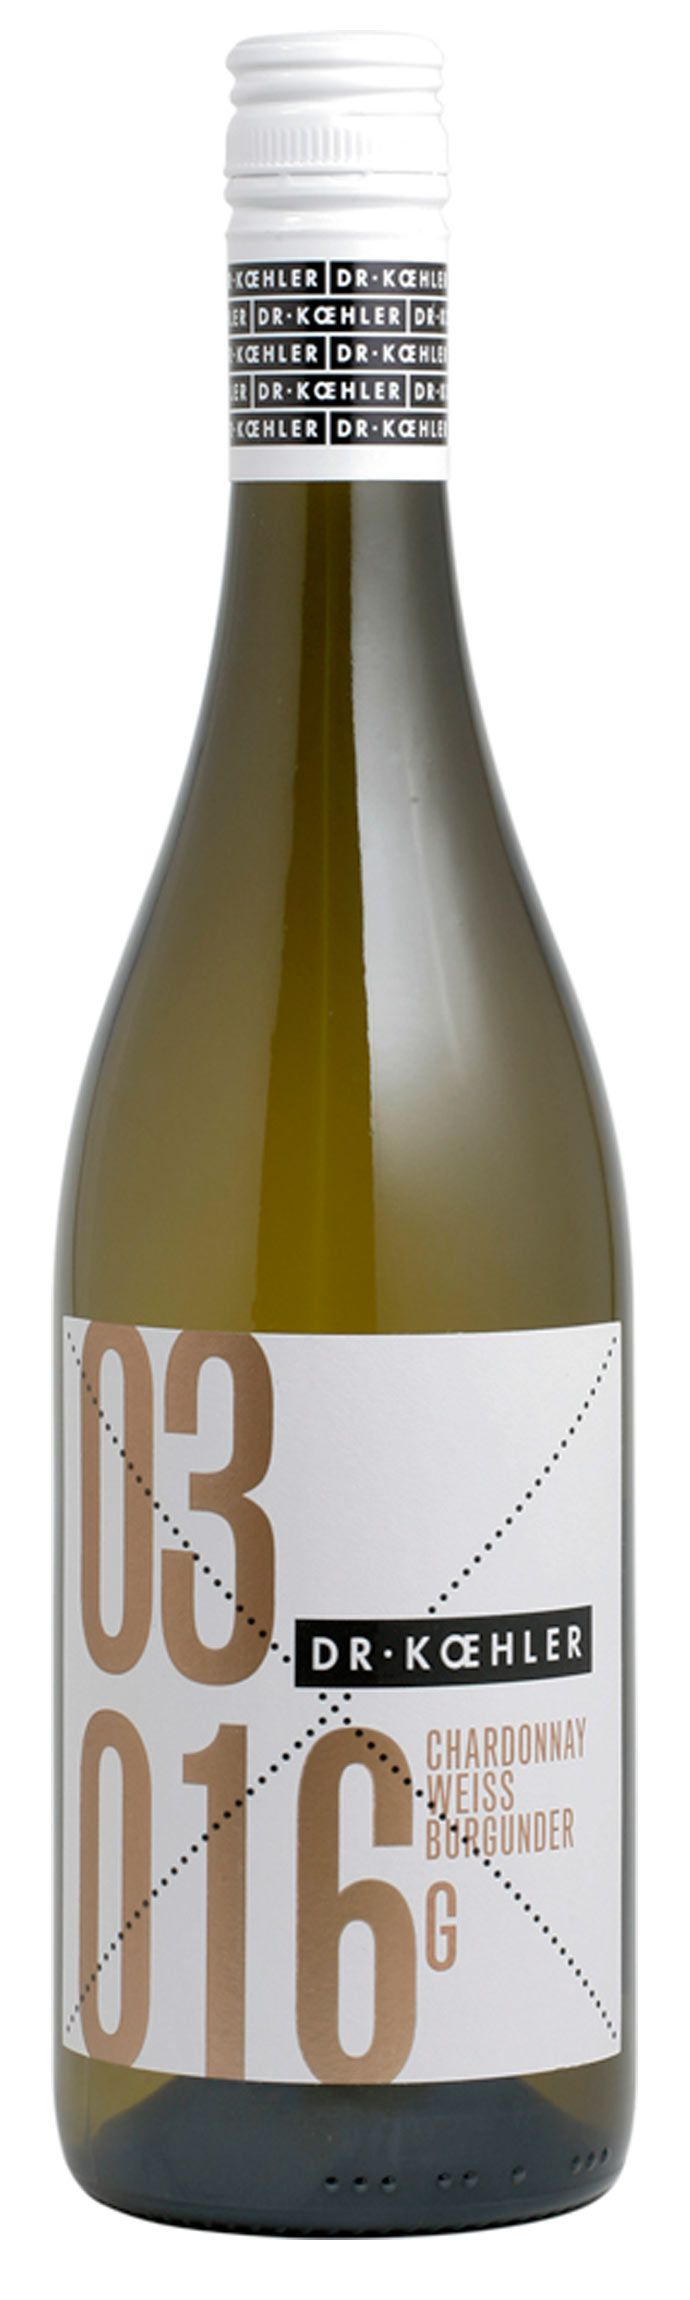 Cooles Etikett, toller Wein!  #wein #wine #etikett #label #design #flasche #drkoehler